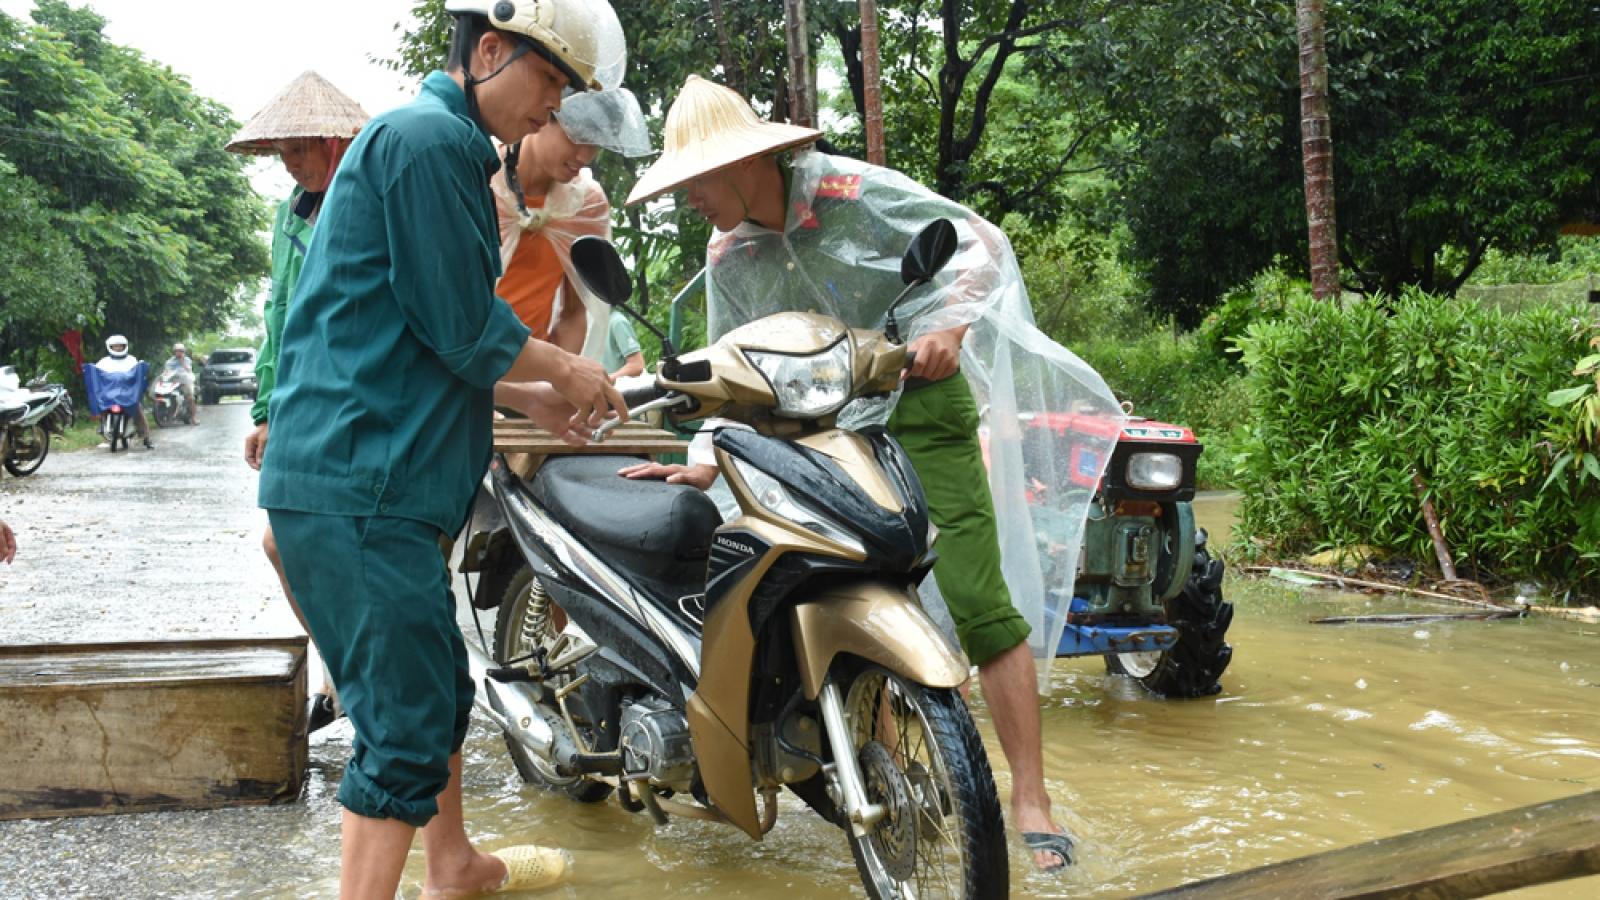 Huyện Lục Yên, Yên Báitập trung khắc phục hậu quả mưa lũ